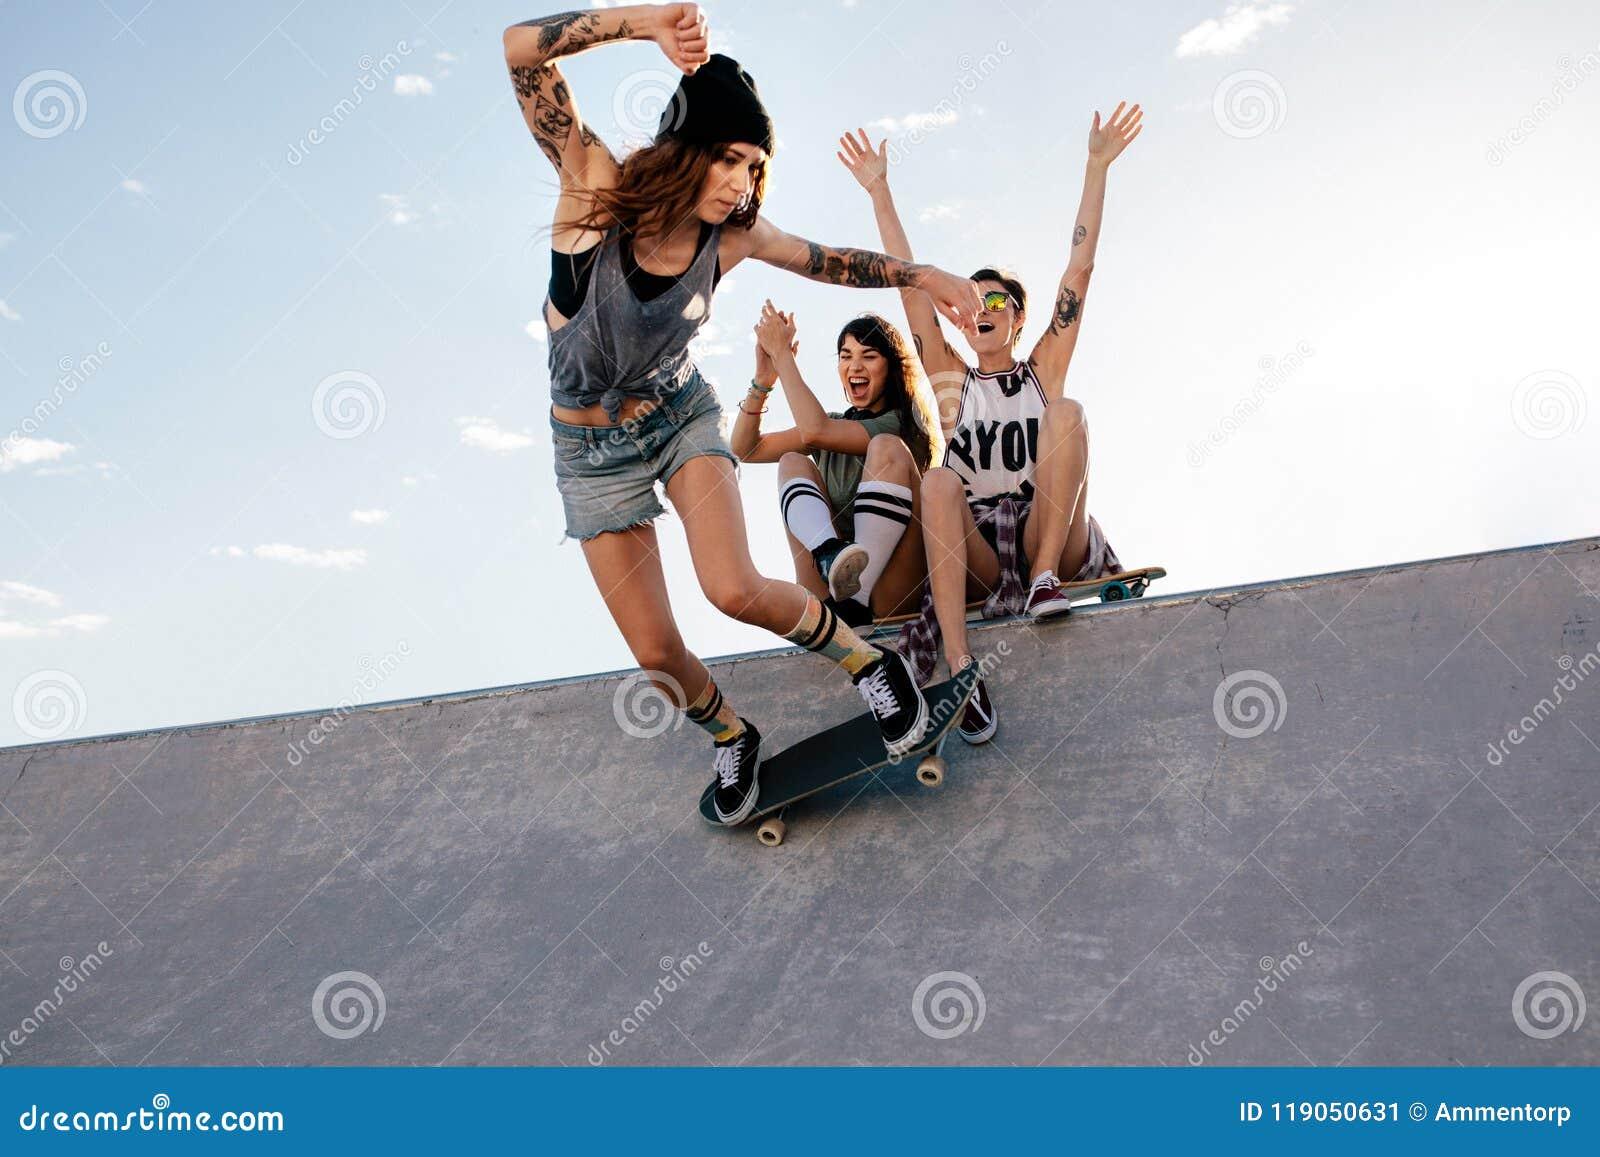 Schlittschuhläufermädchen fährt auf Skateboard am Rochenpark